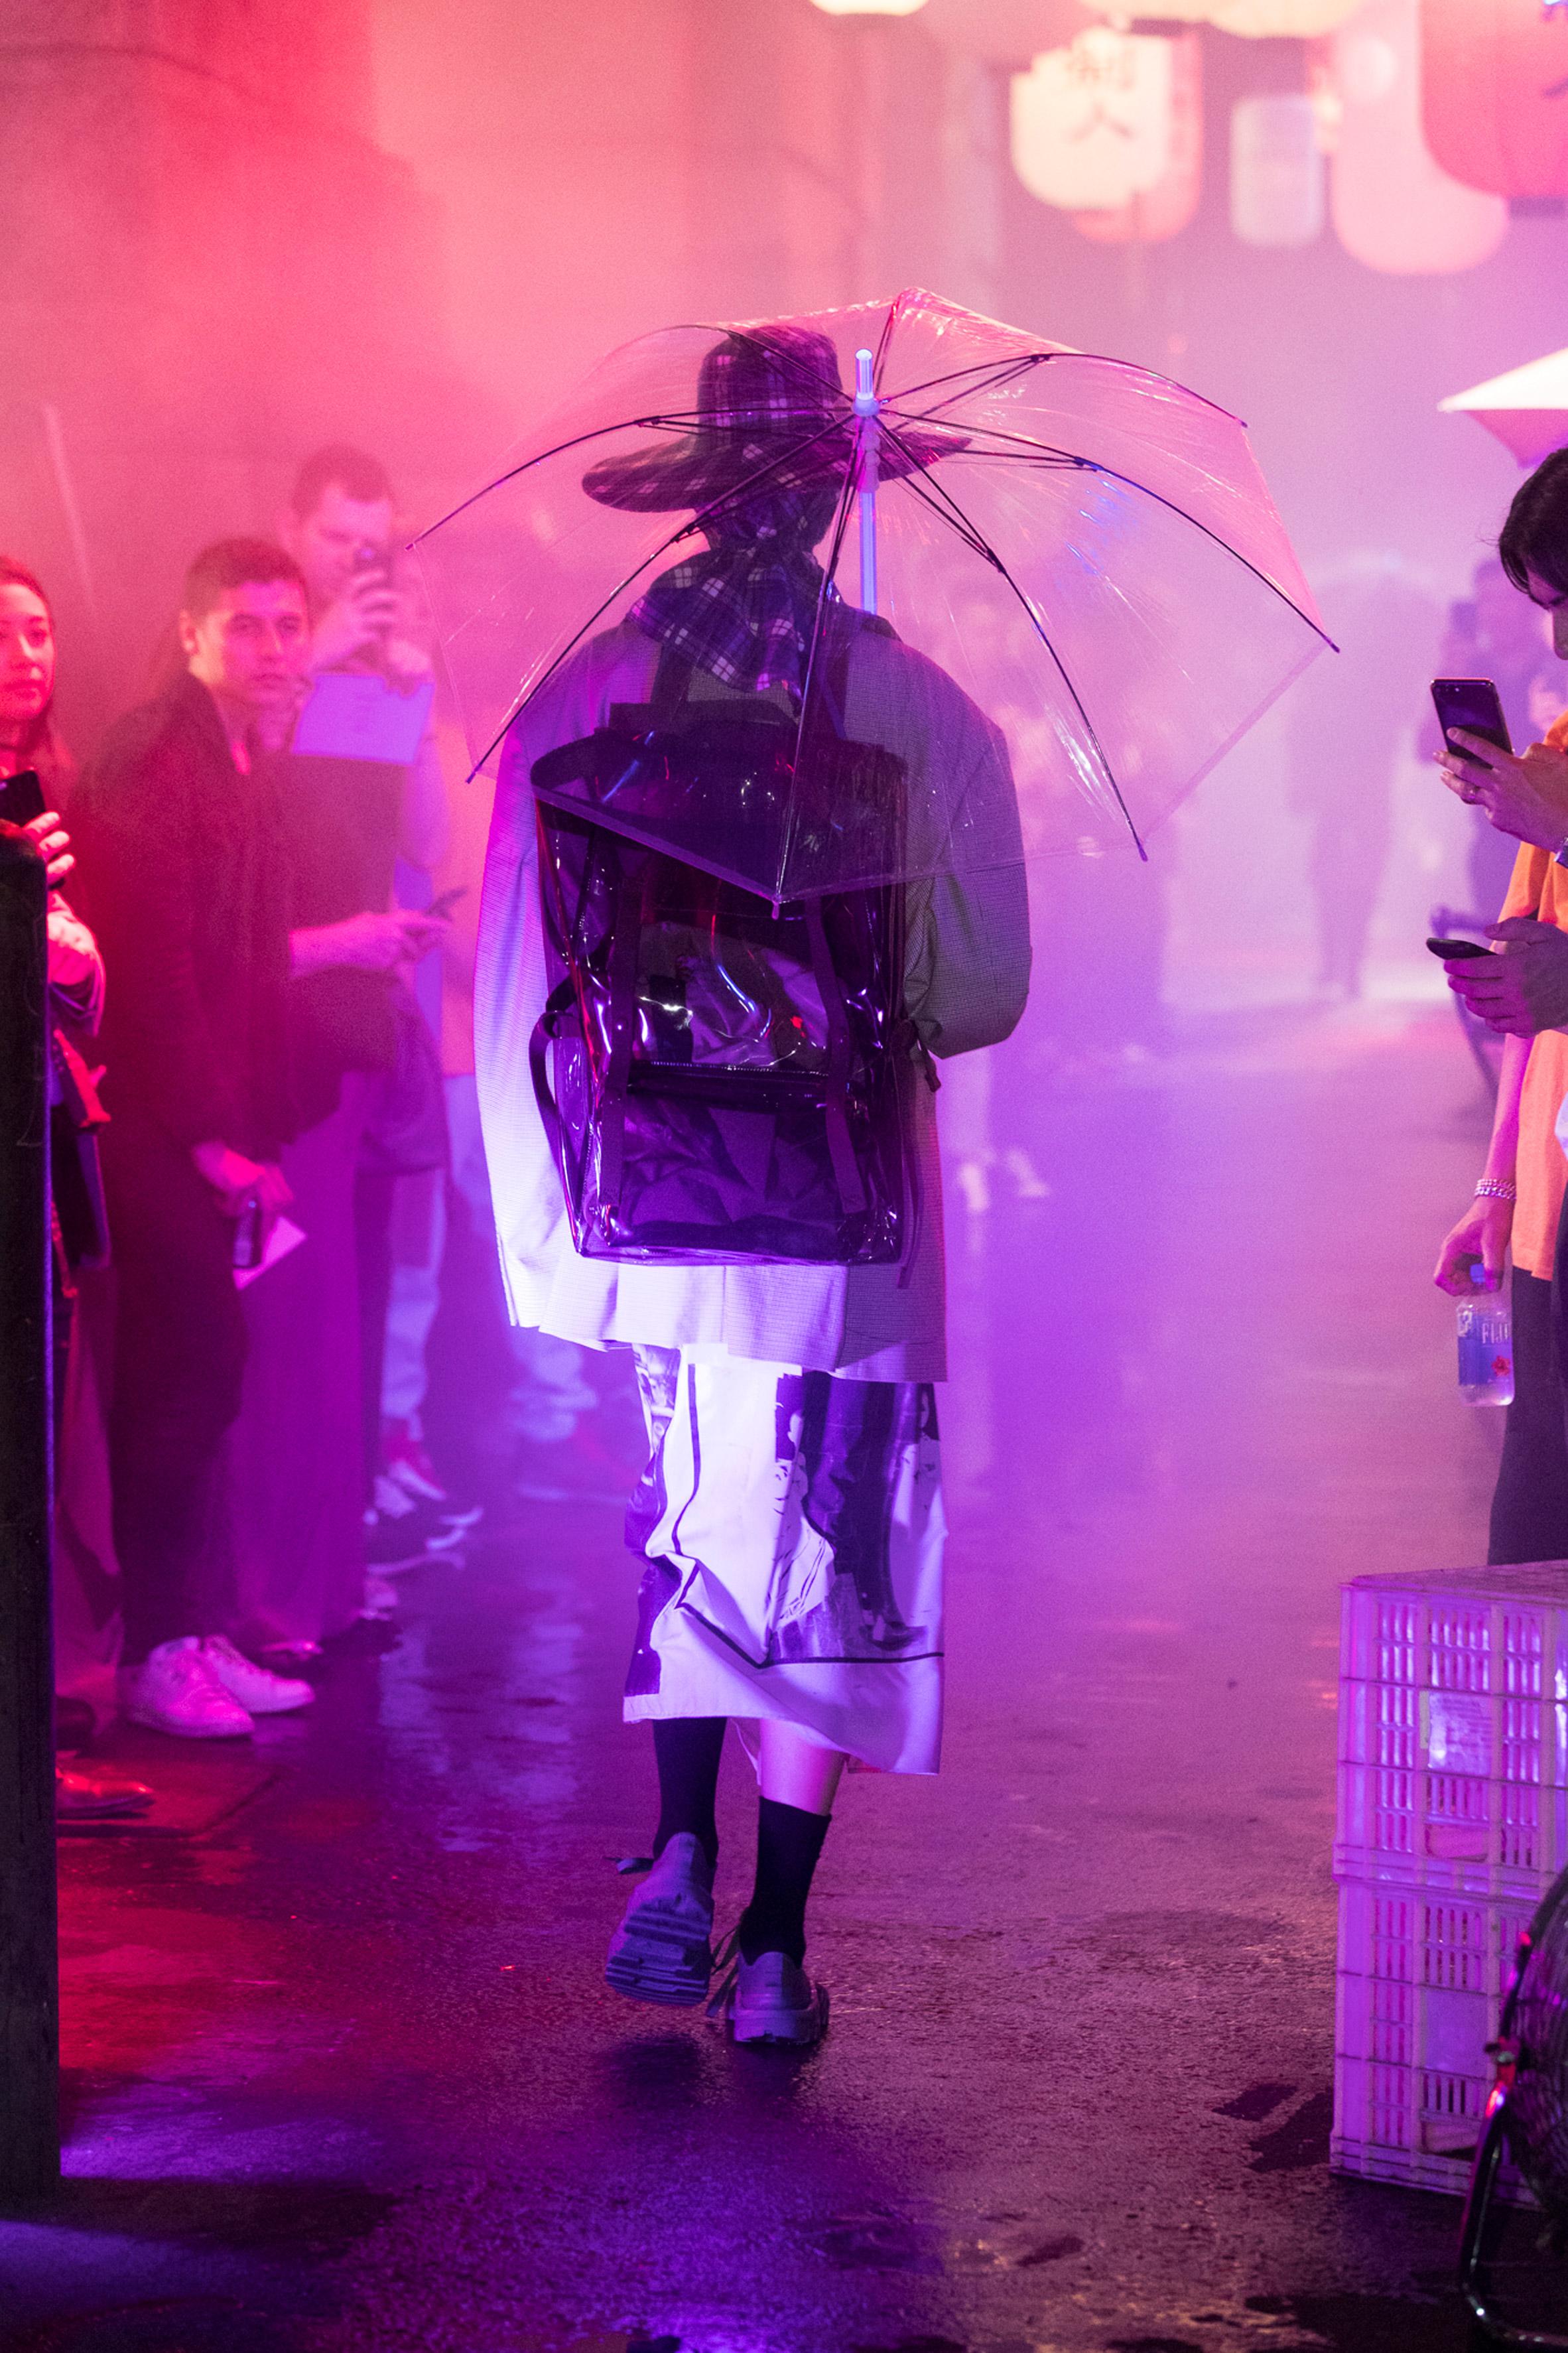 383947facd5f Raf Simons designs Blade Runner-style bags for Eastpak